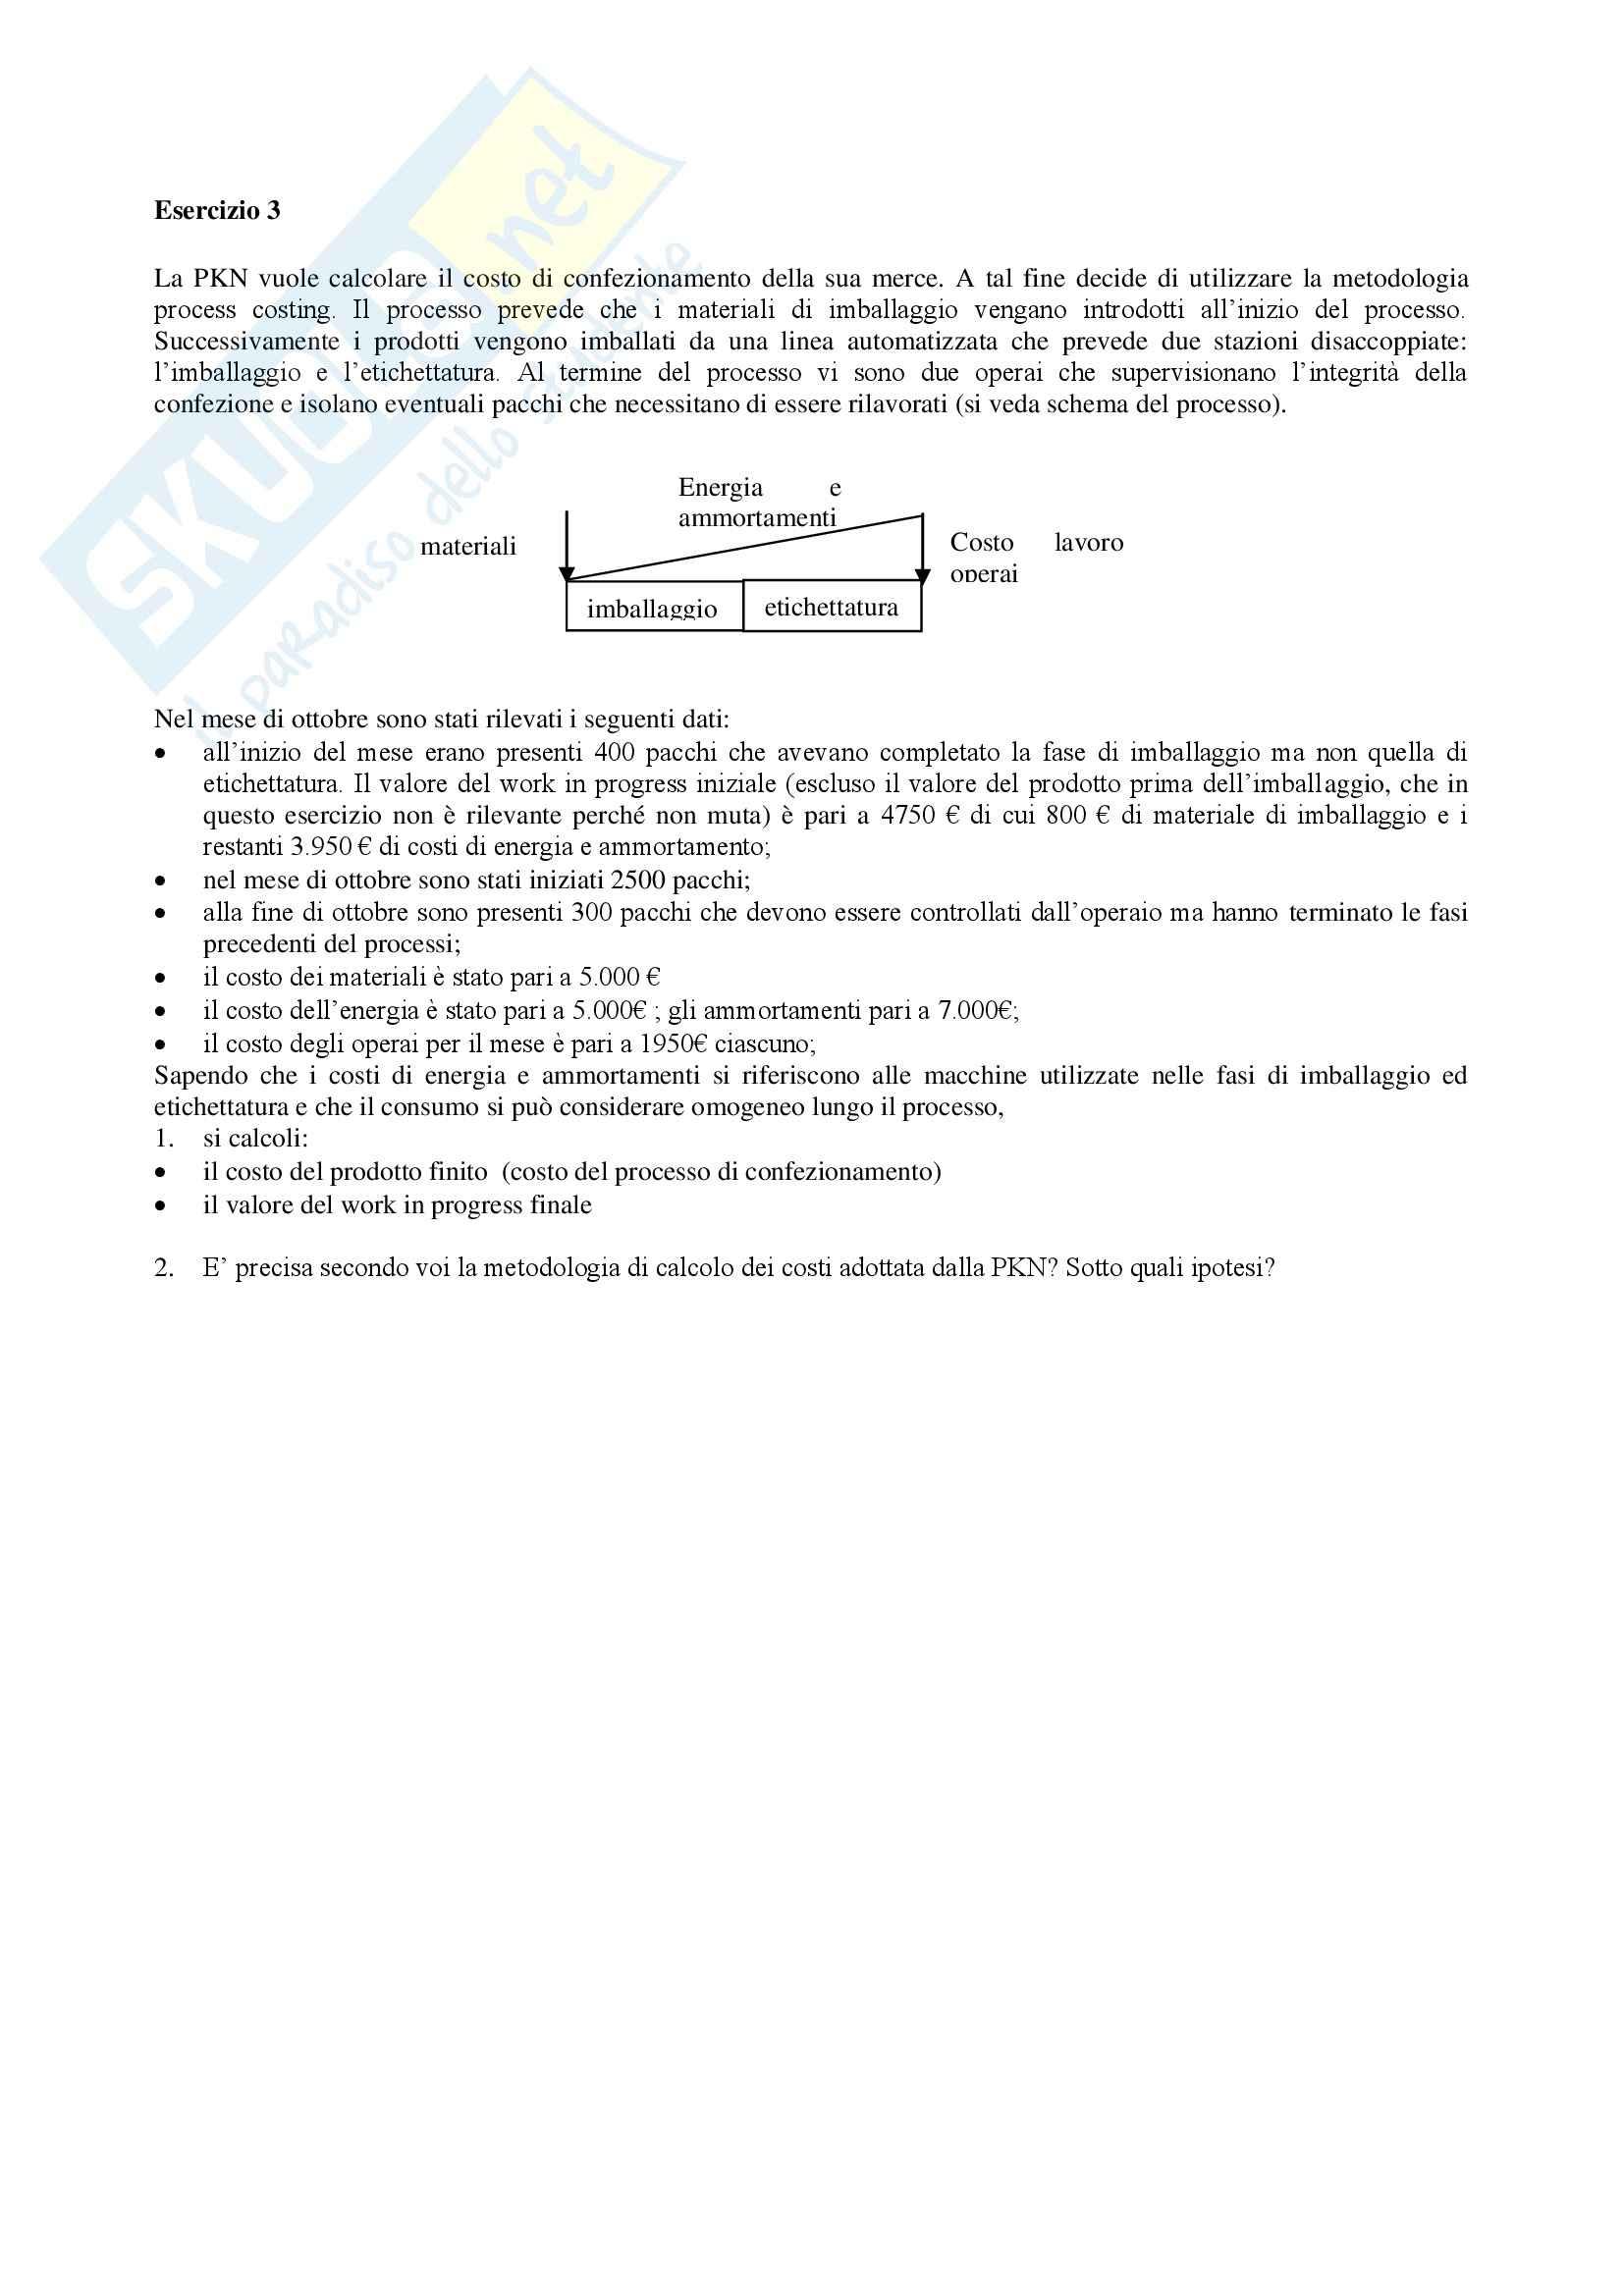 Esercizi con soluzioni, Economia e organizzazione aziendale Pag. 56